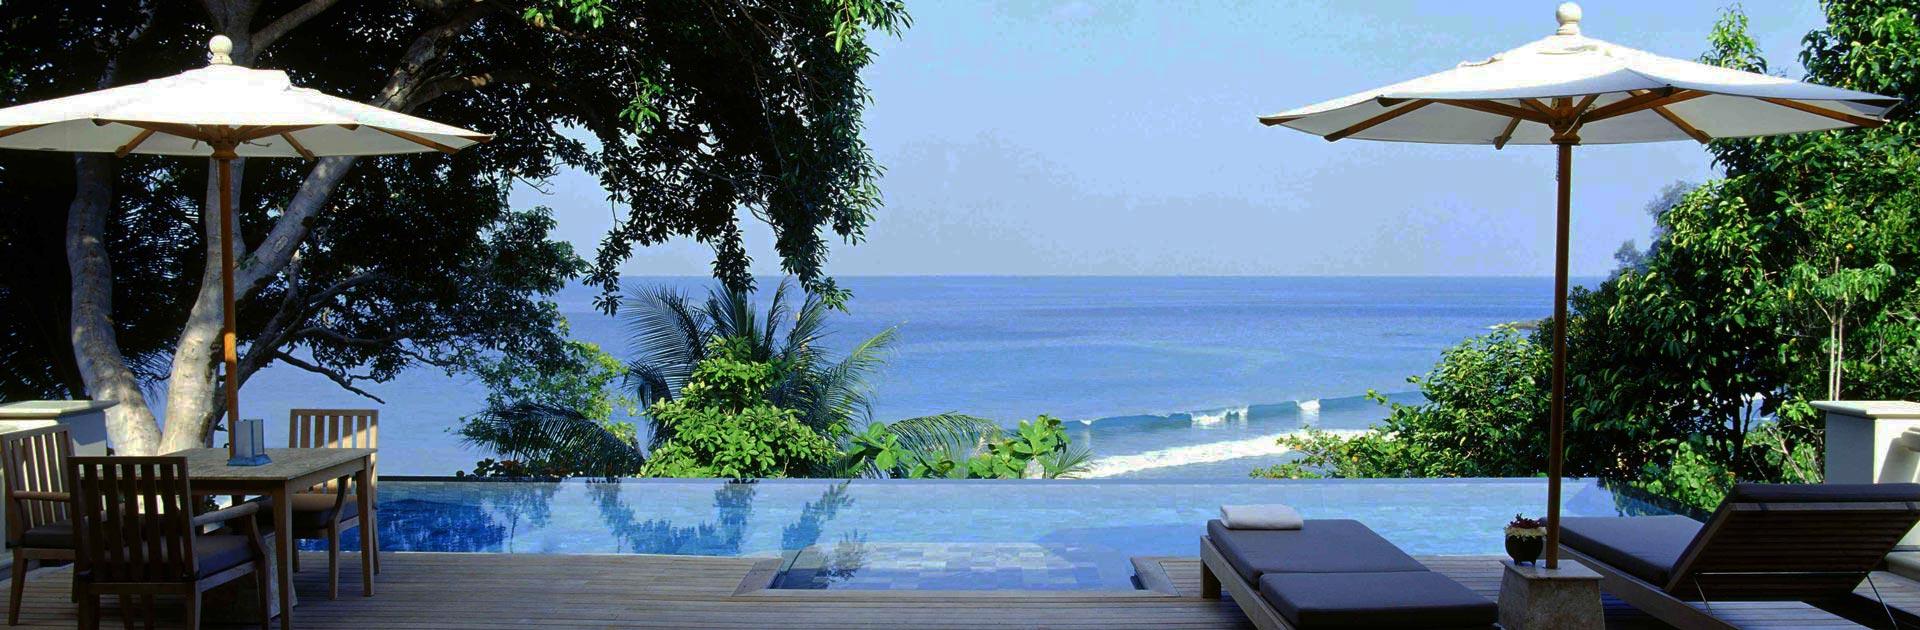 THVN Super Vietnam y Phuket 14 días 3